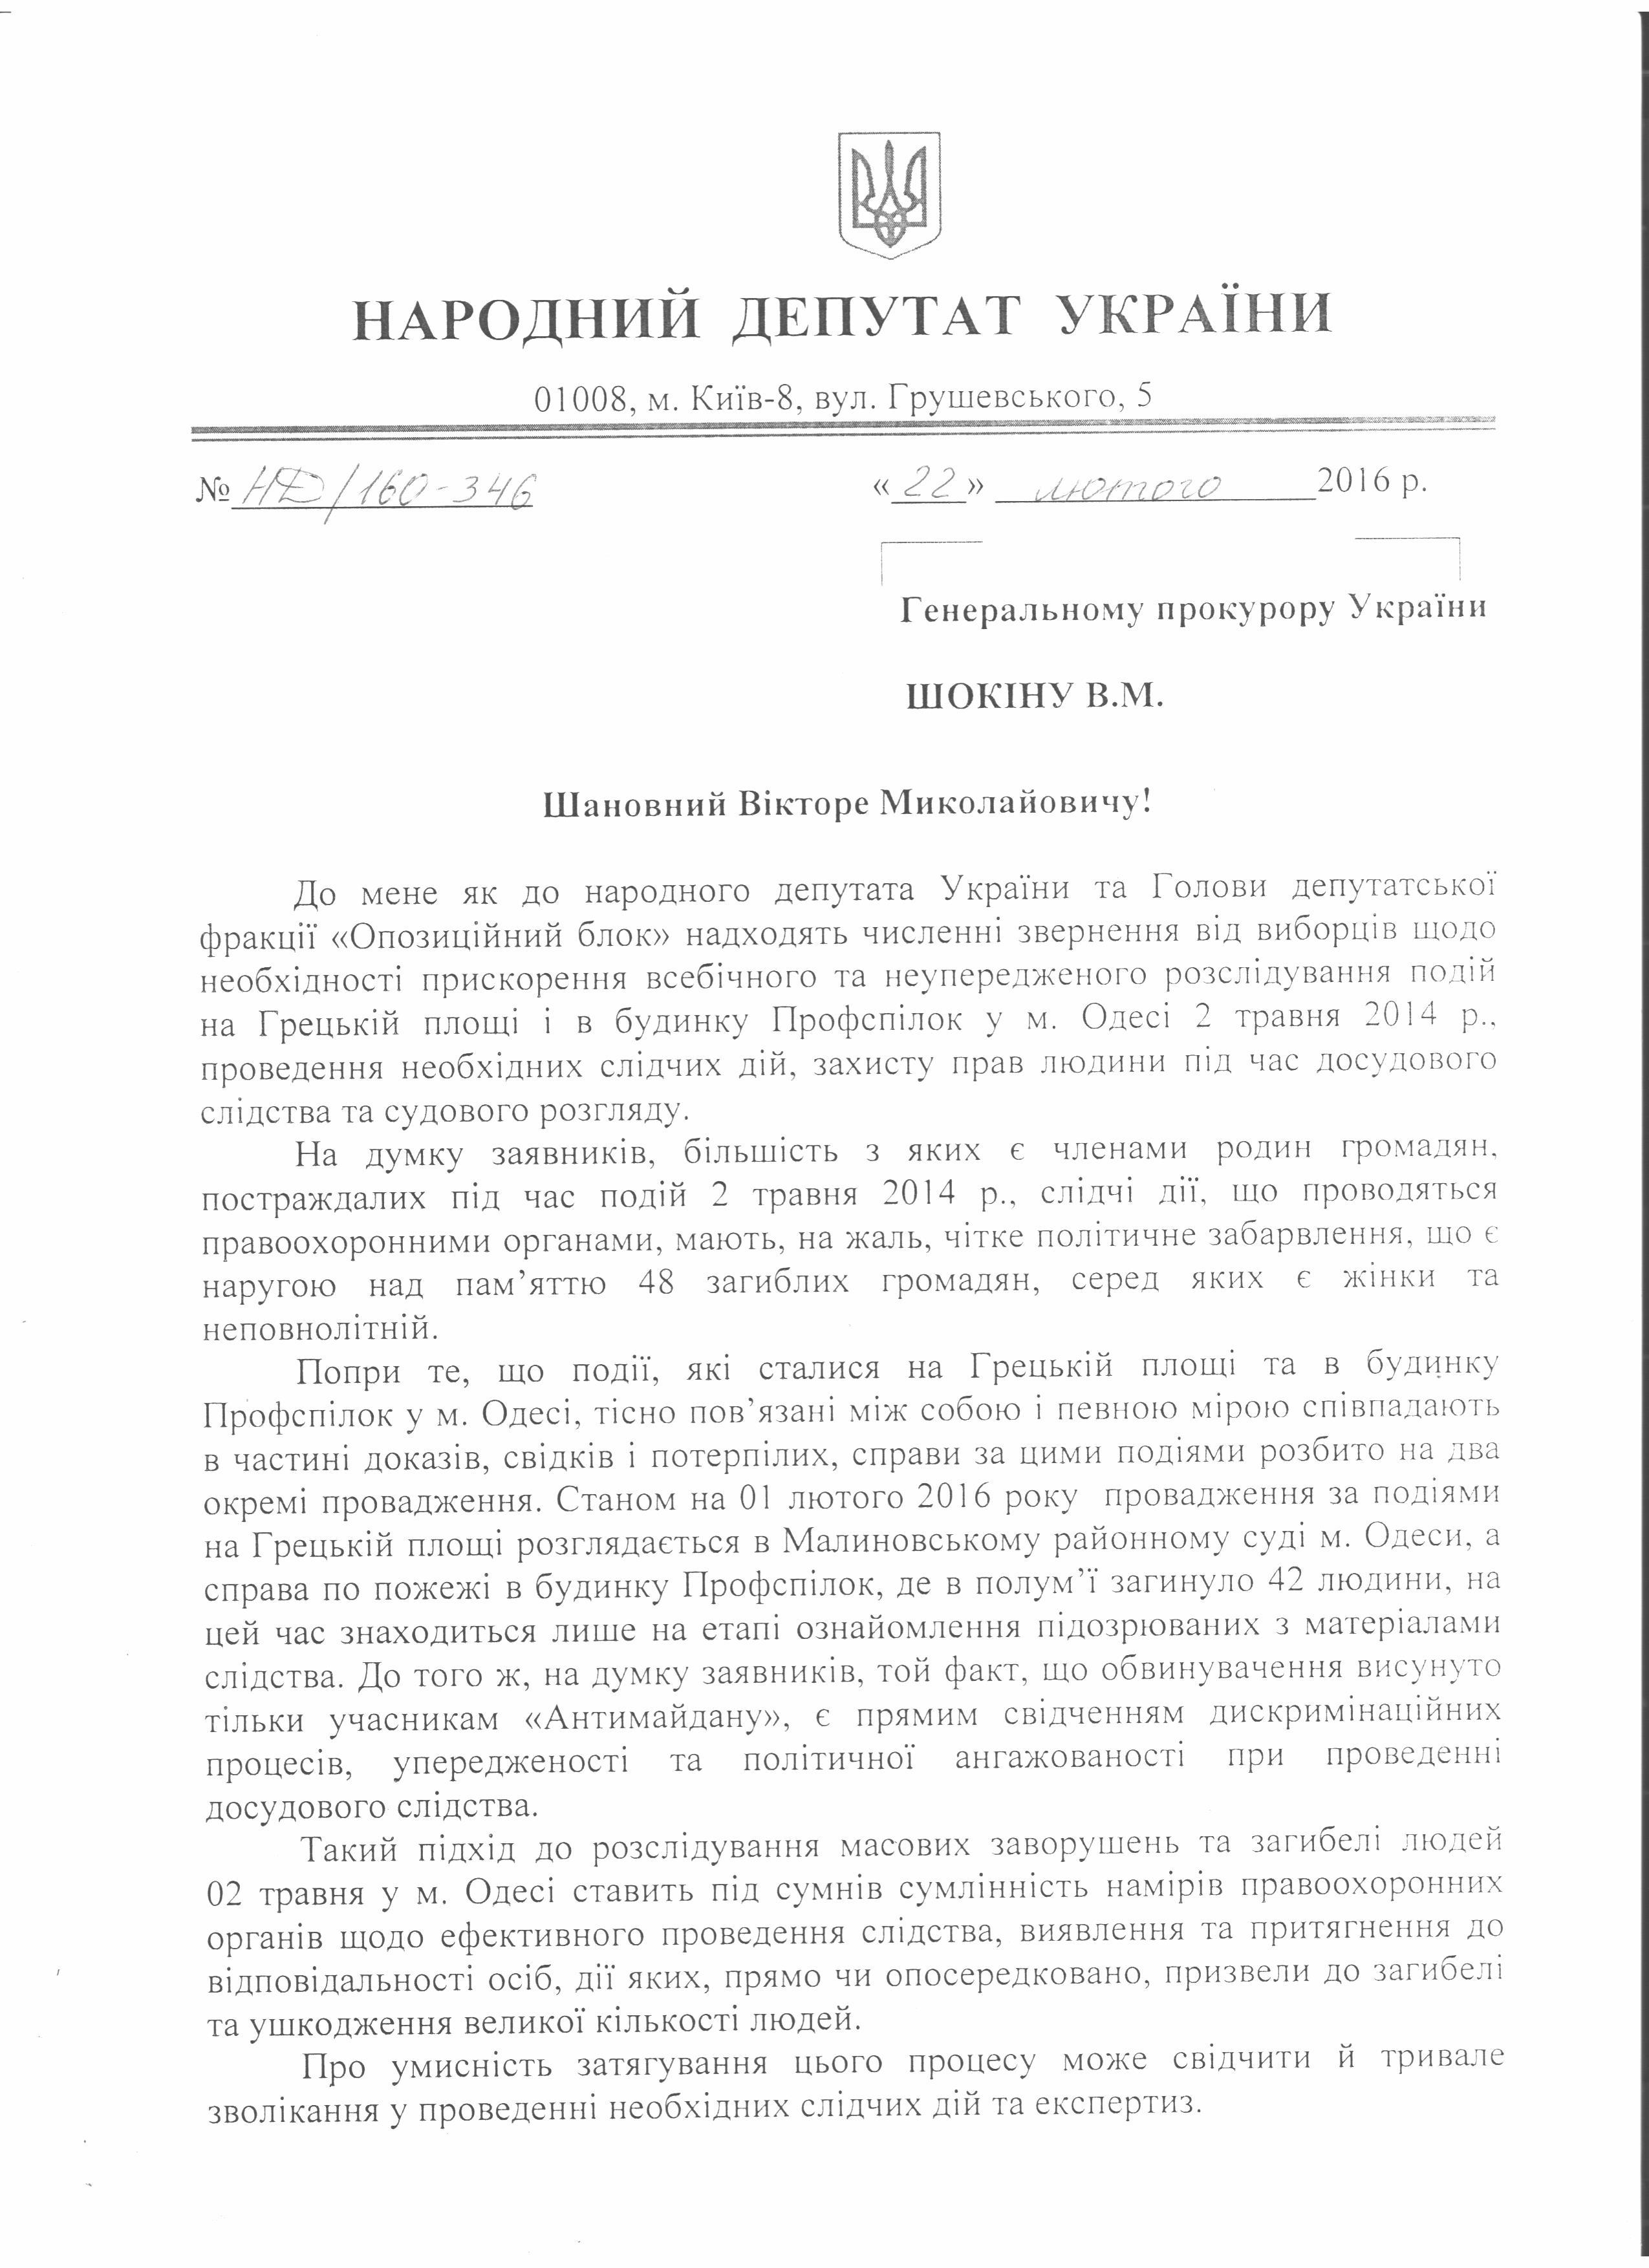 Юрій Бойко звернувся до президента та генпрокурора з приводу подій в Одесі (ДОКУМЕНТ) - фото 3